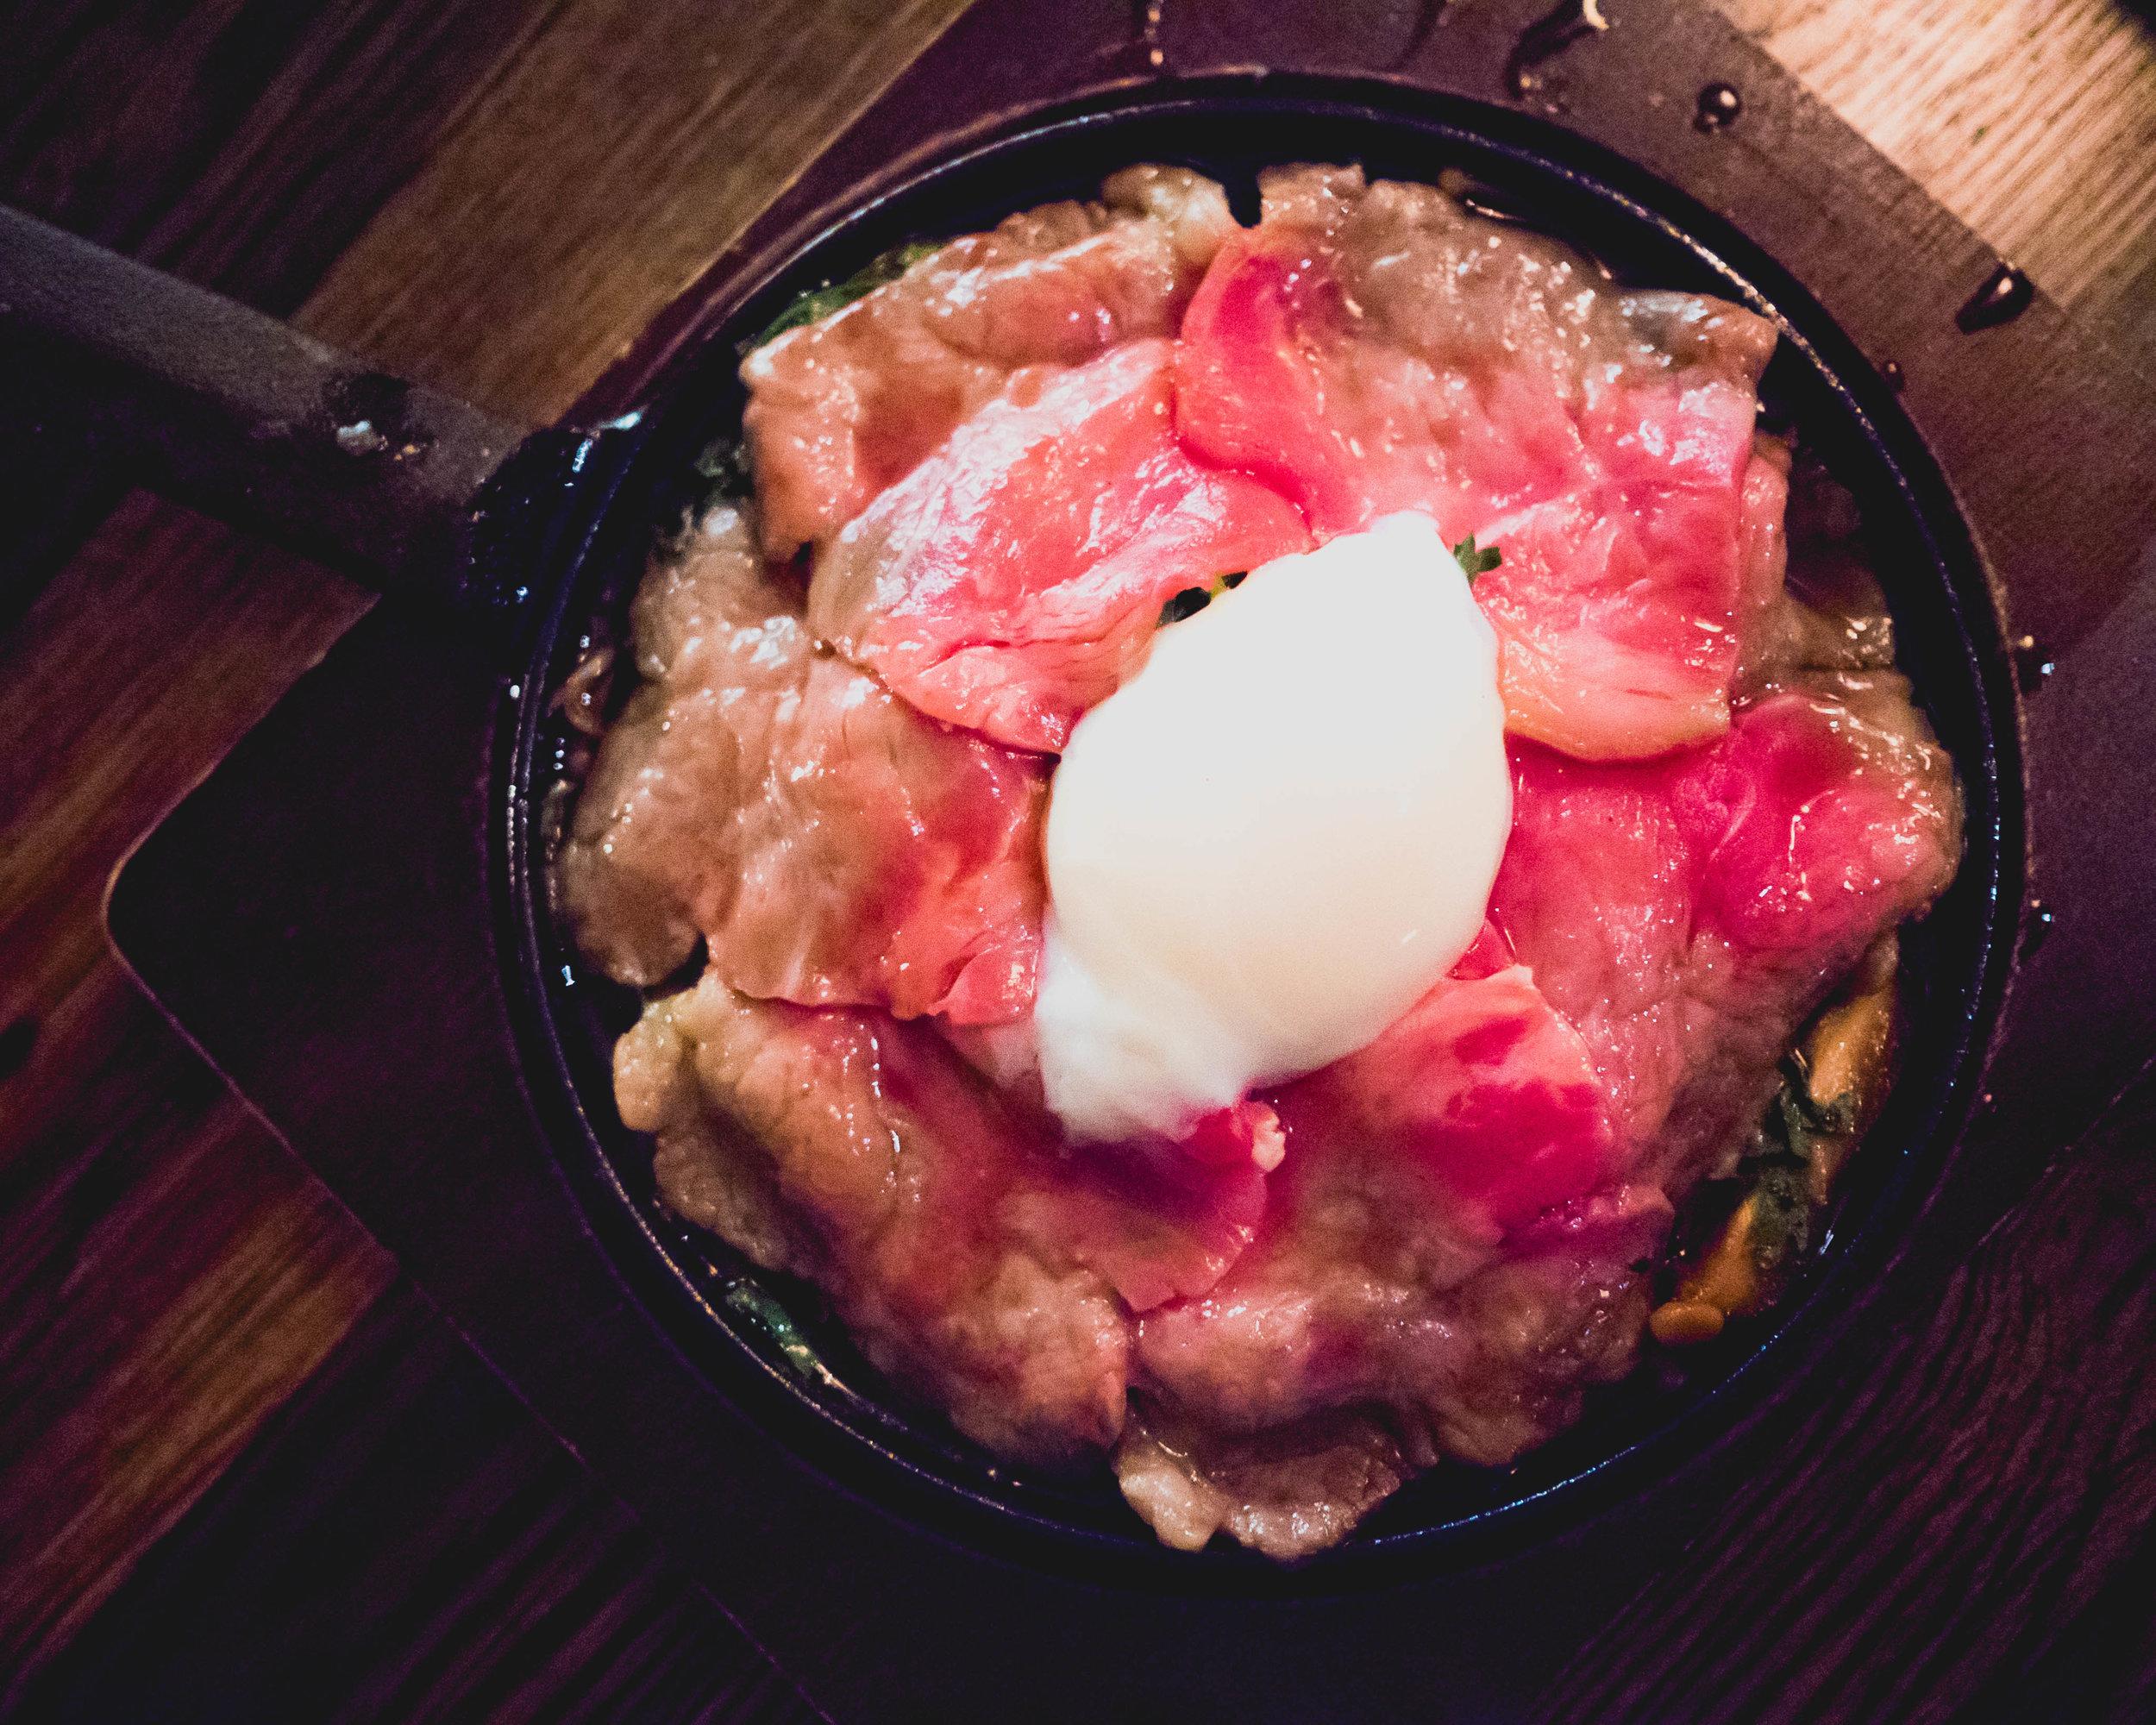 sukiyaki : new york strip steak, forest mushrooms, chrysanthemum leaves, soft egg.